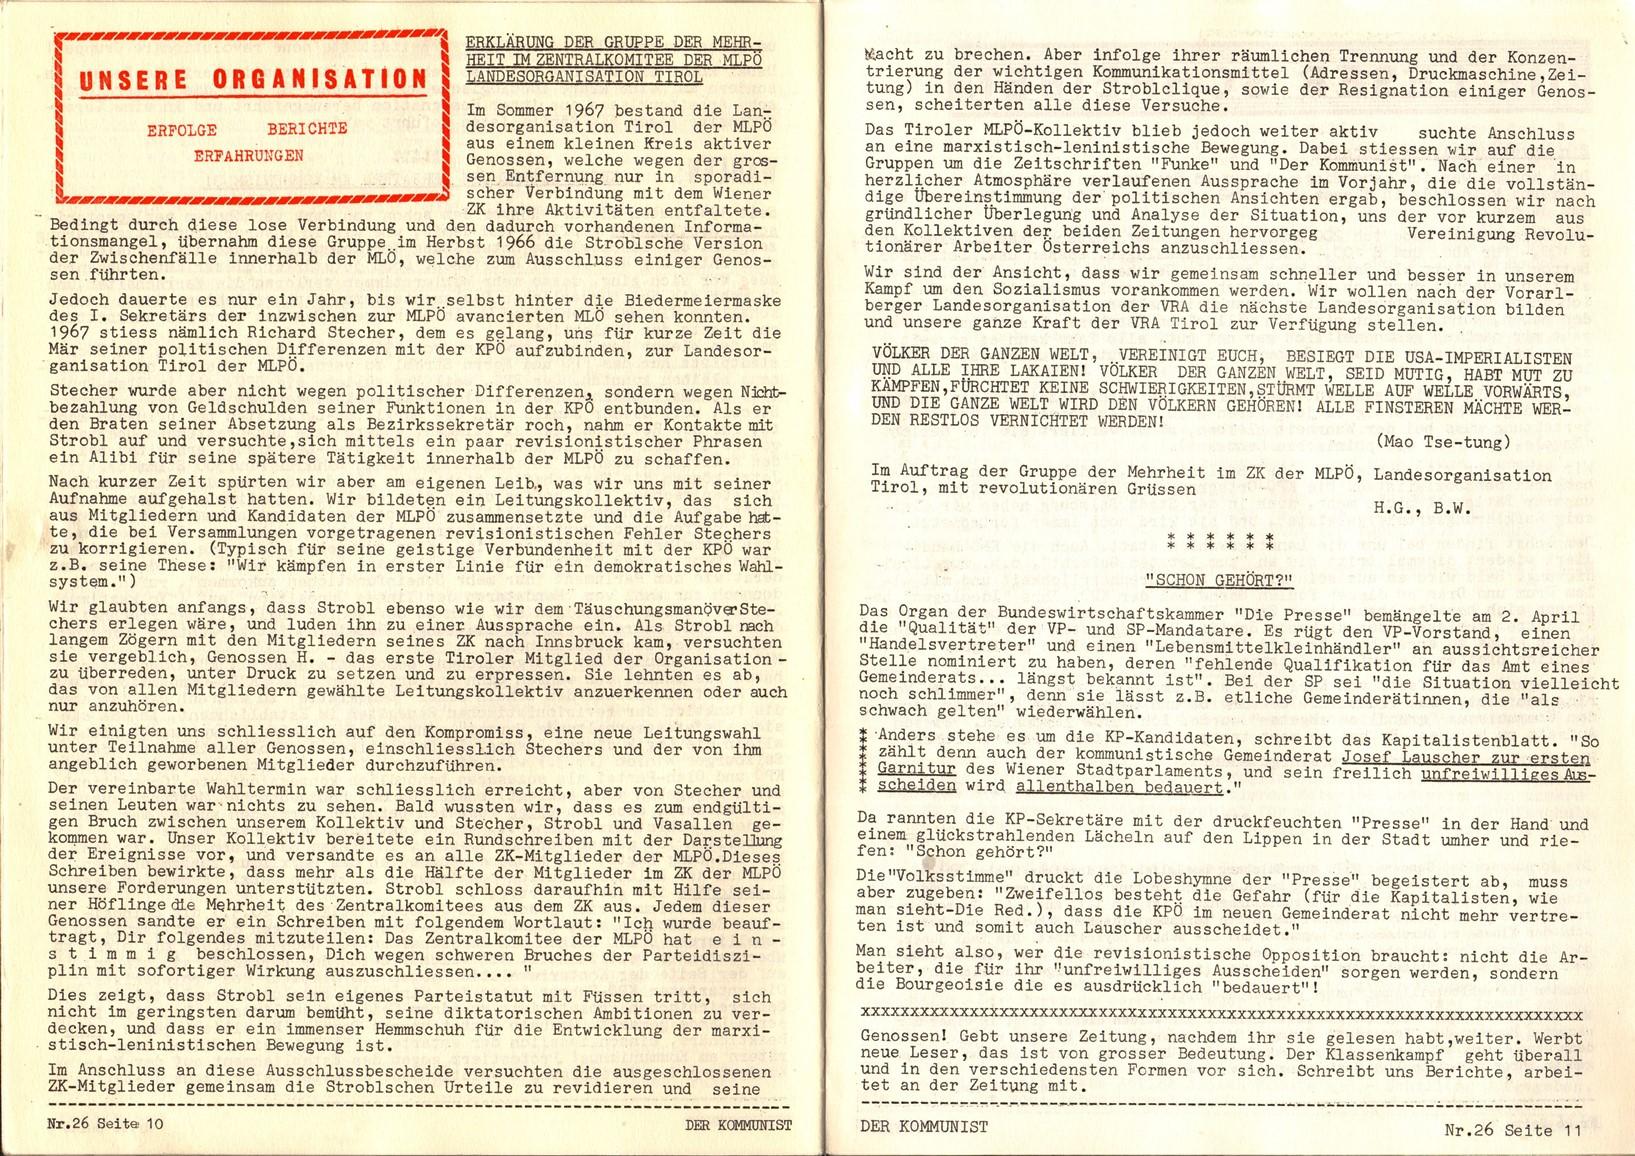 VRA_Der_Kommunist_19690400_06